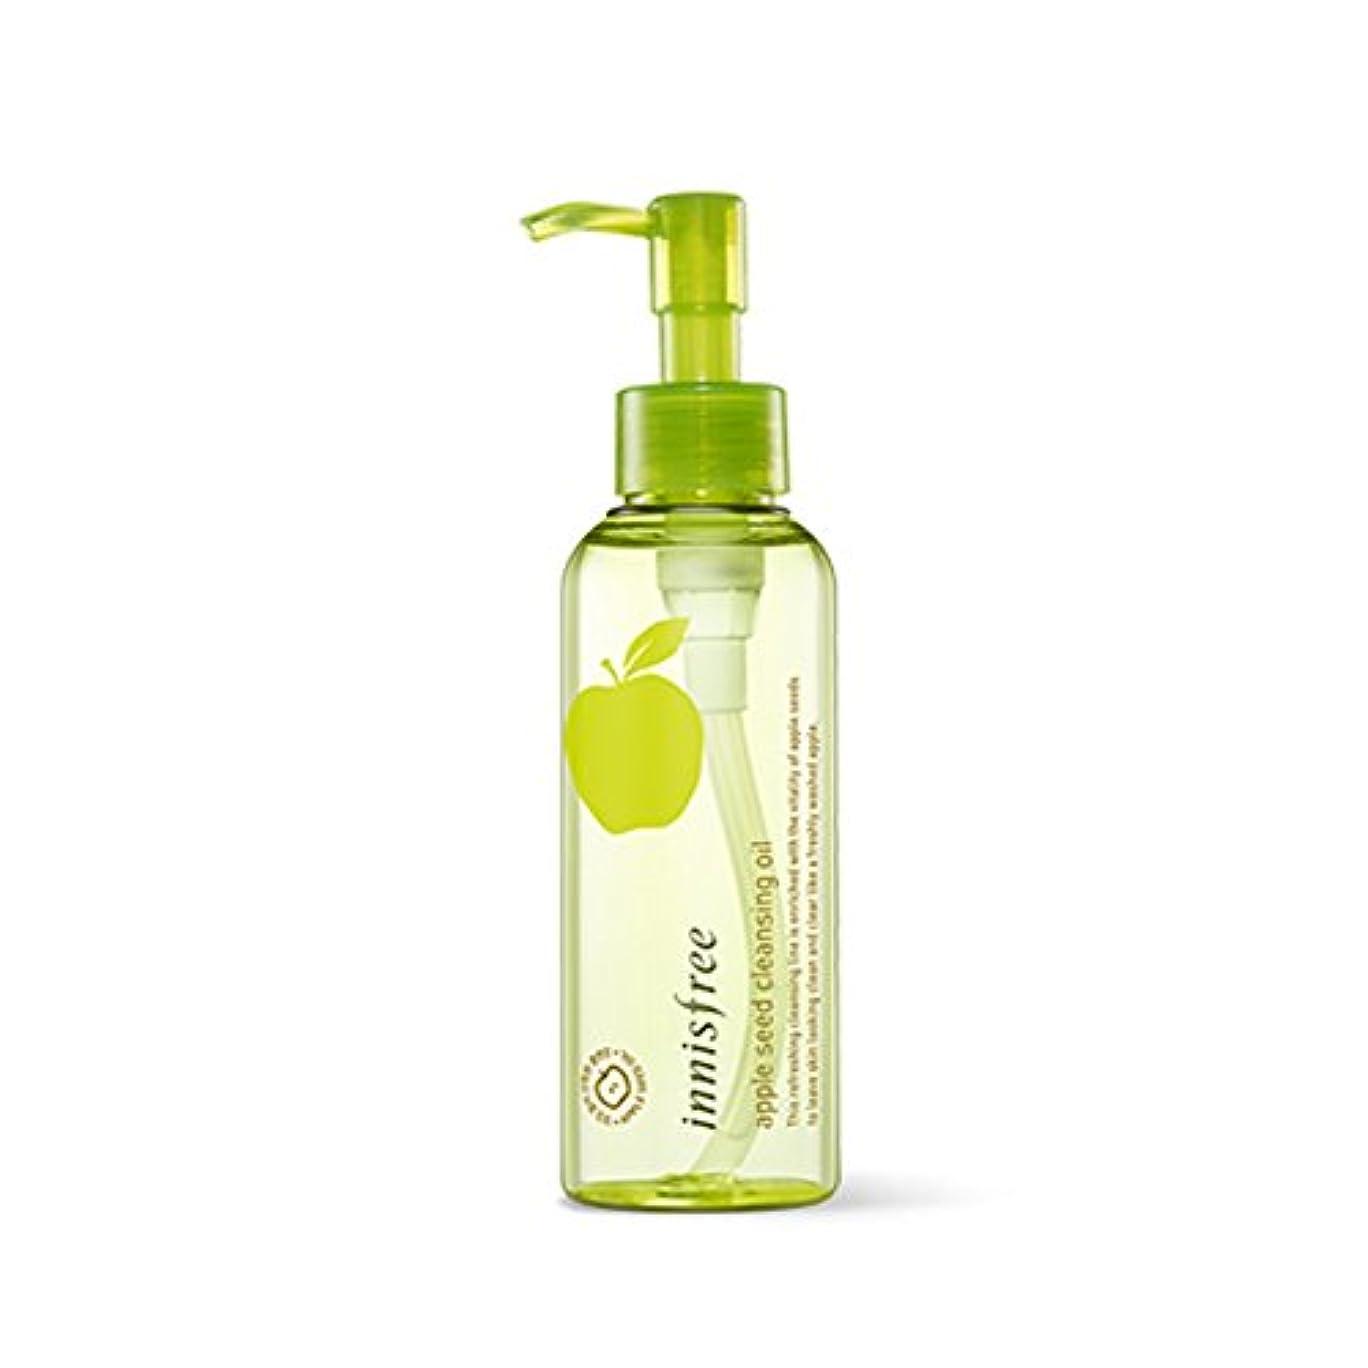 磁気大宇宙大宇宙イニスフリーアップルシードクレンジングオイル150ml / Innisfree Apple Seed Cleansing Oil 150ml[海外直送品][並行輸入品]